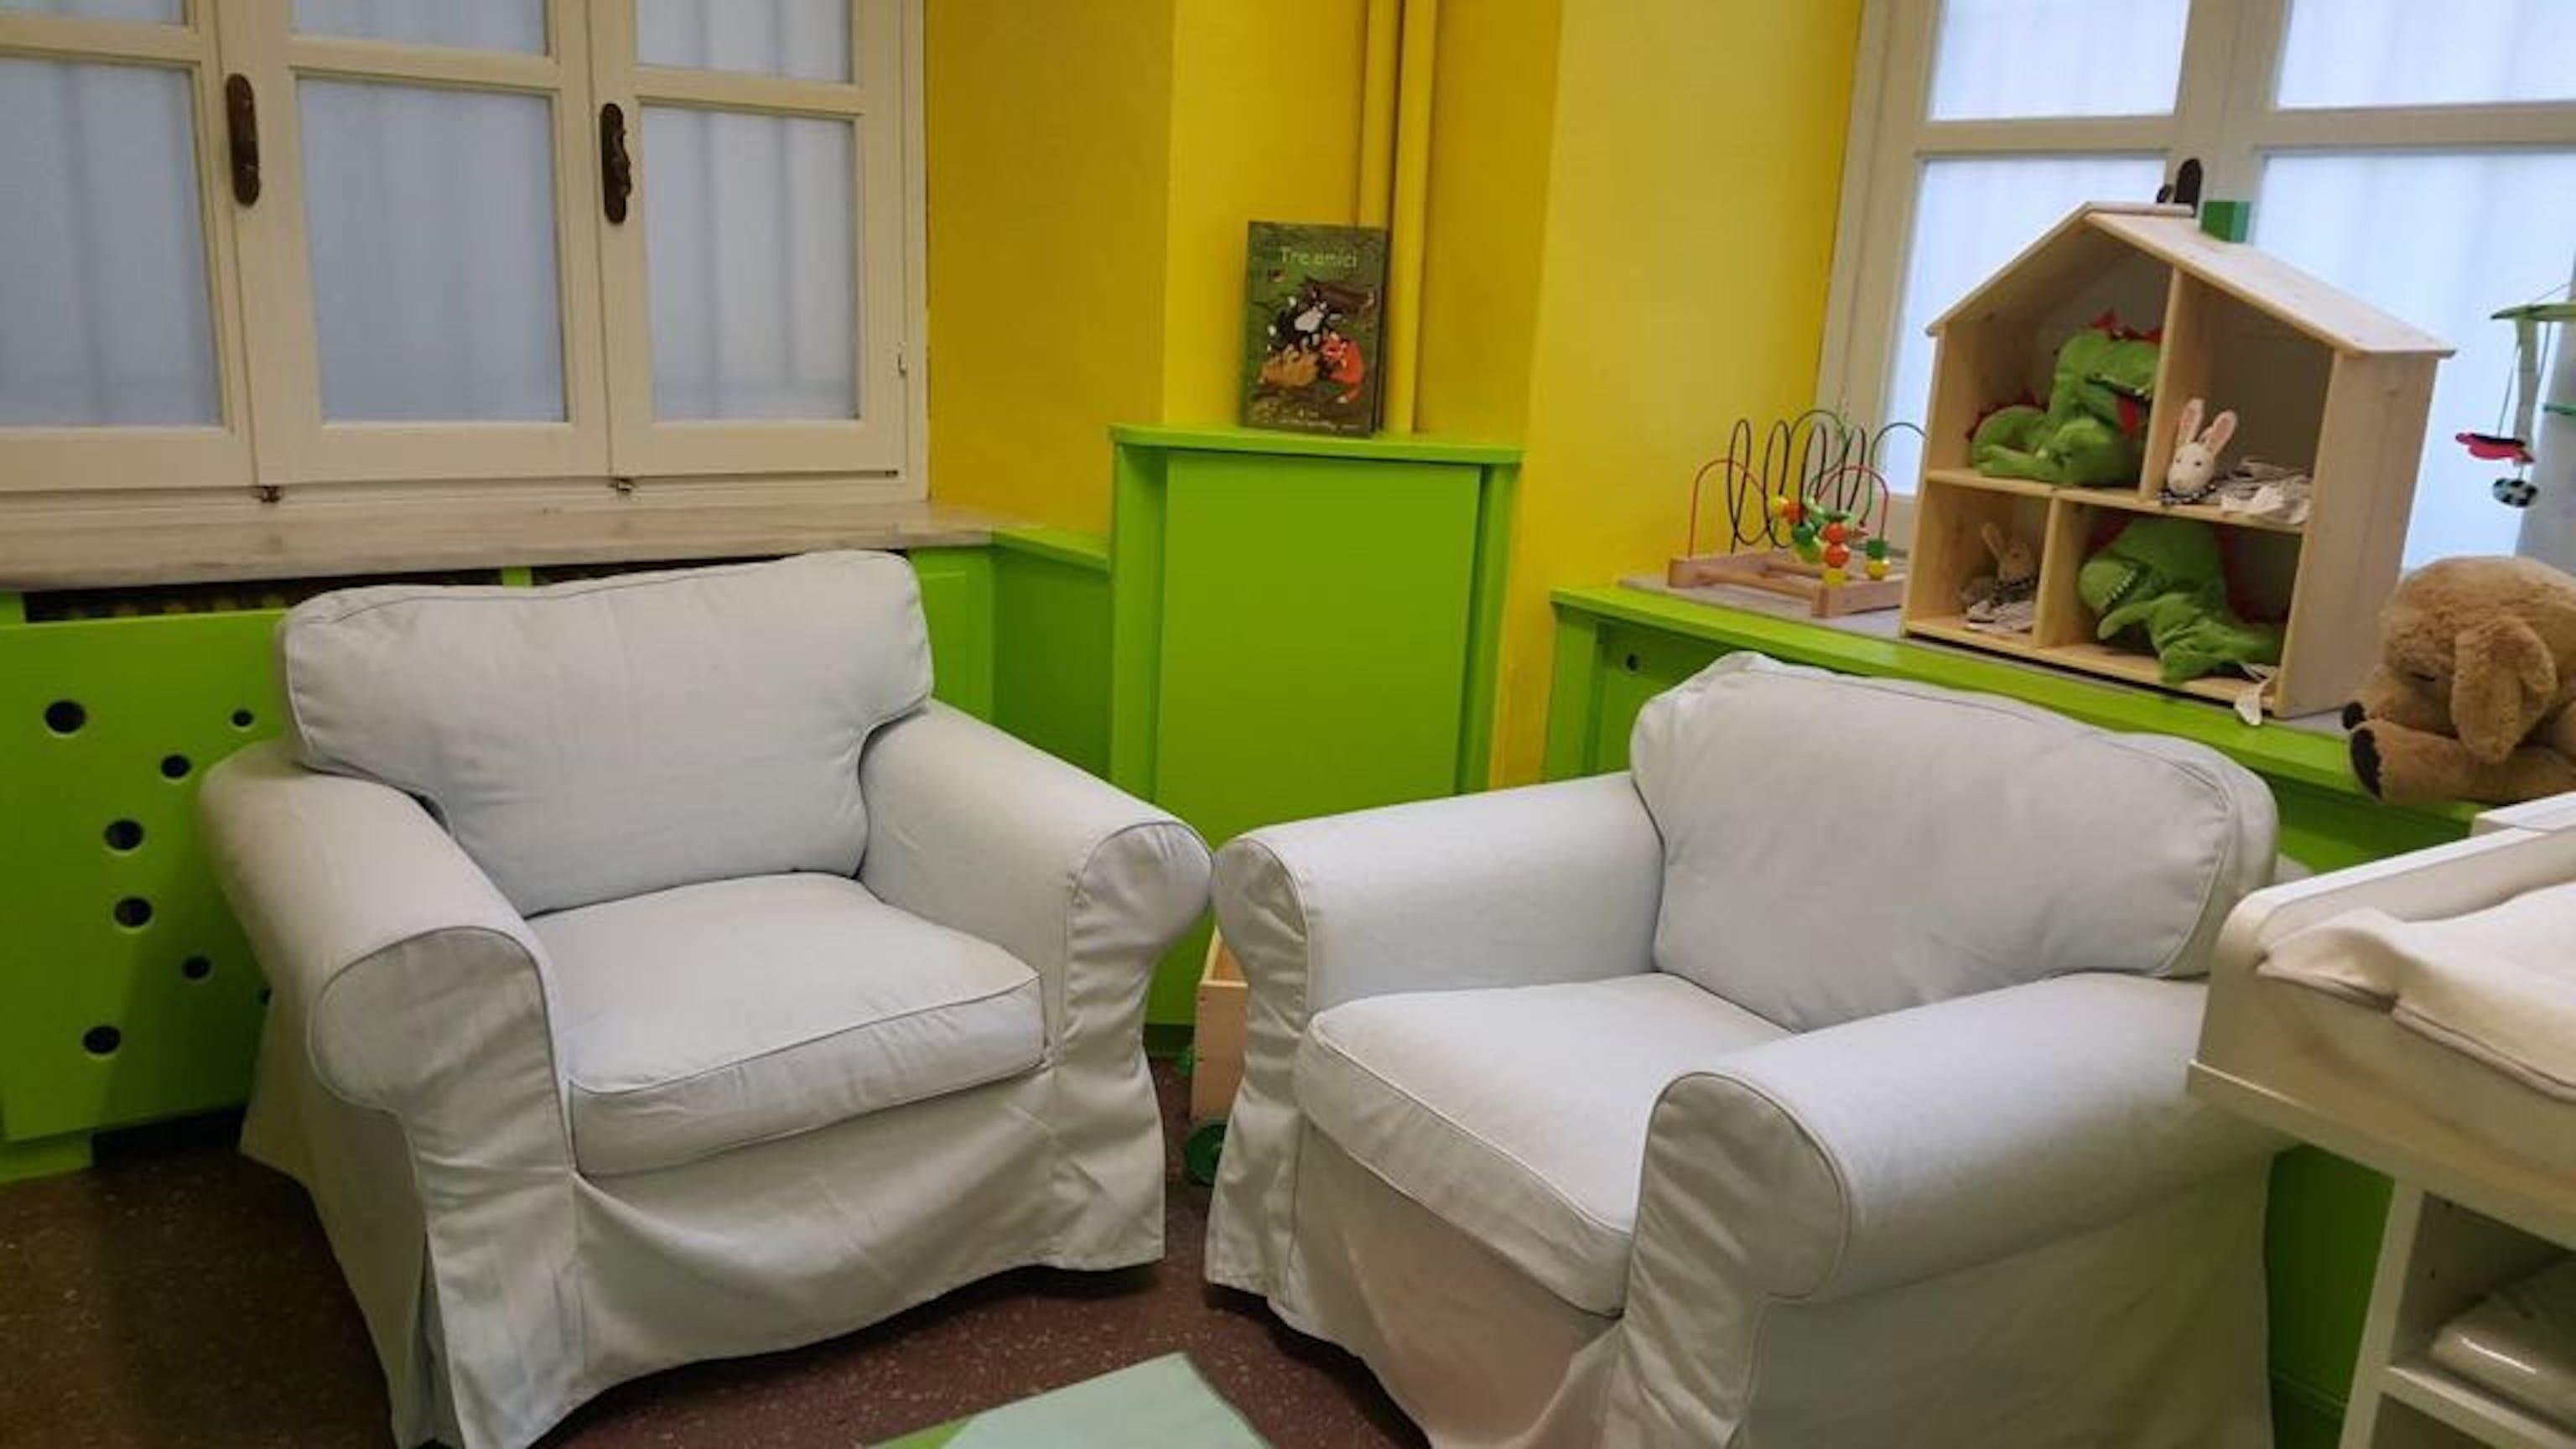 Un particolare del Baby Pit Stop inugurato a Palazzo Civico, sede del Comune di Torino - ©UNICEF Italia/2017/M.Trapanelli